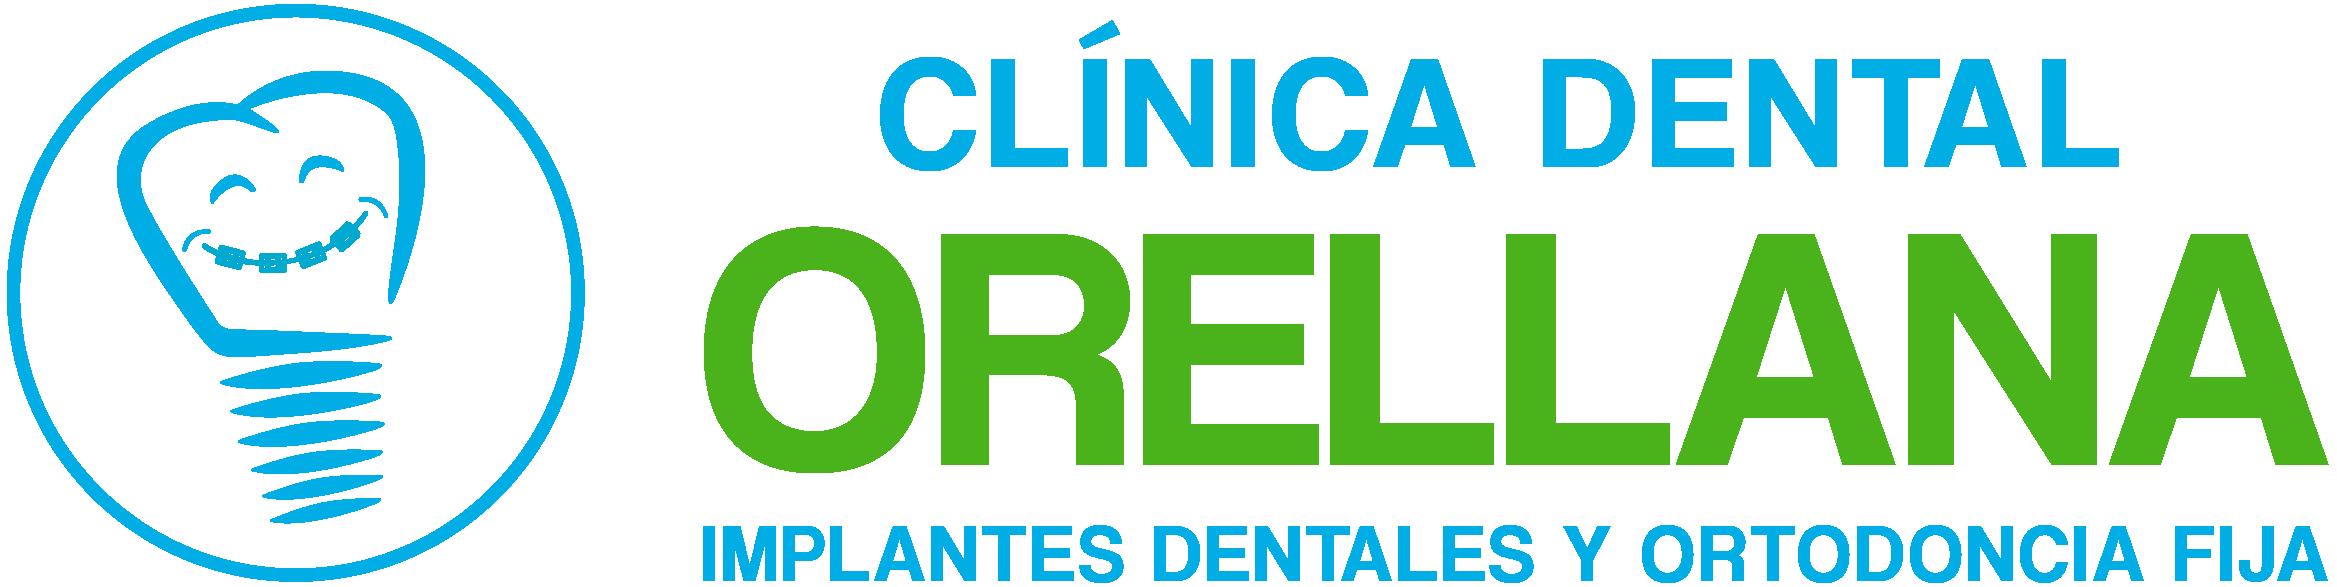 Clìnica Dental Orellana / Dentista en Ayacucho, Dentistas Ayacucho, Odontólogo en Ayacucho, Odontólogos Ayacucho, Curaciones, Blanqueamiento, Brackets, Consultorio Dental, Ortodoncia, Clínica Dental, Implantes Dentales,